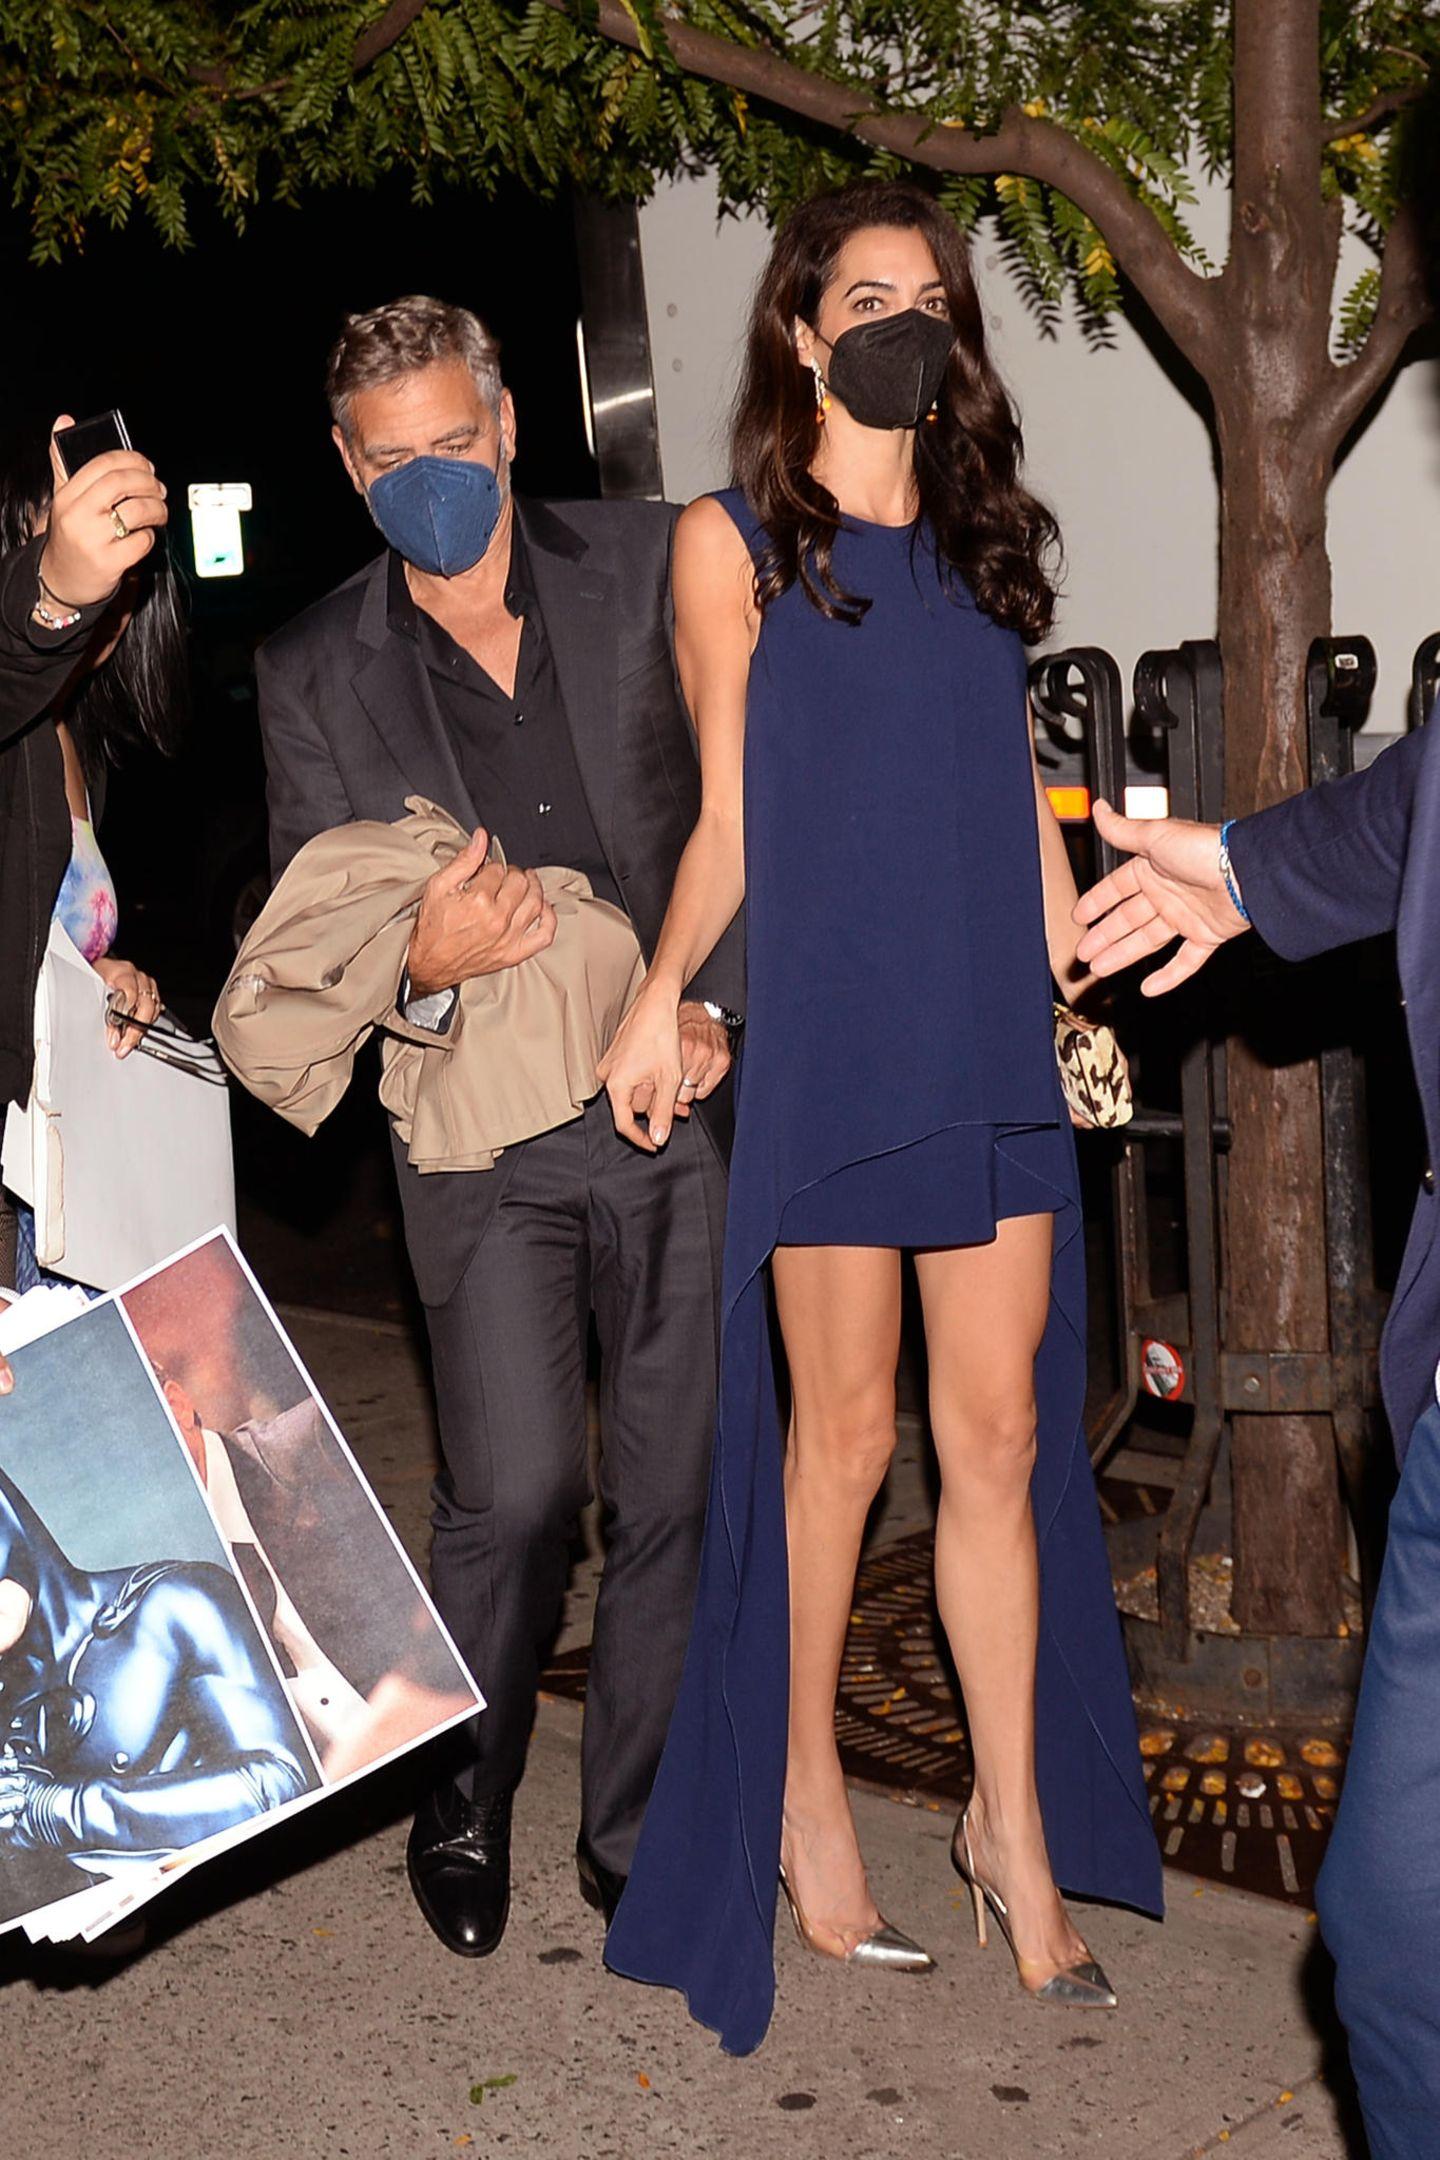 Amal Clooney gehört zu den bestgekleideten Frauen der Welt. Die Anwältin ist bekannt für ihren eleganten und zeitlosen Stil. Das stellt sie einmal mehr bei einemDatenmit Ehemann George Clooney unter Beweis. Hier zeigt sie sich in einem dunkelblauen Minidress mit seitlichen Schleppen. Dazu kombiniert sie goldfarbene Heels und eine Farbe im gleichen schimmernden Ton.Ein Outfit, das auf den ersten Blick schlicht wirkt, aber mit ganz besonderen Details begeistert.